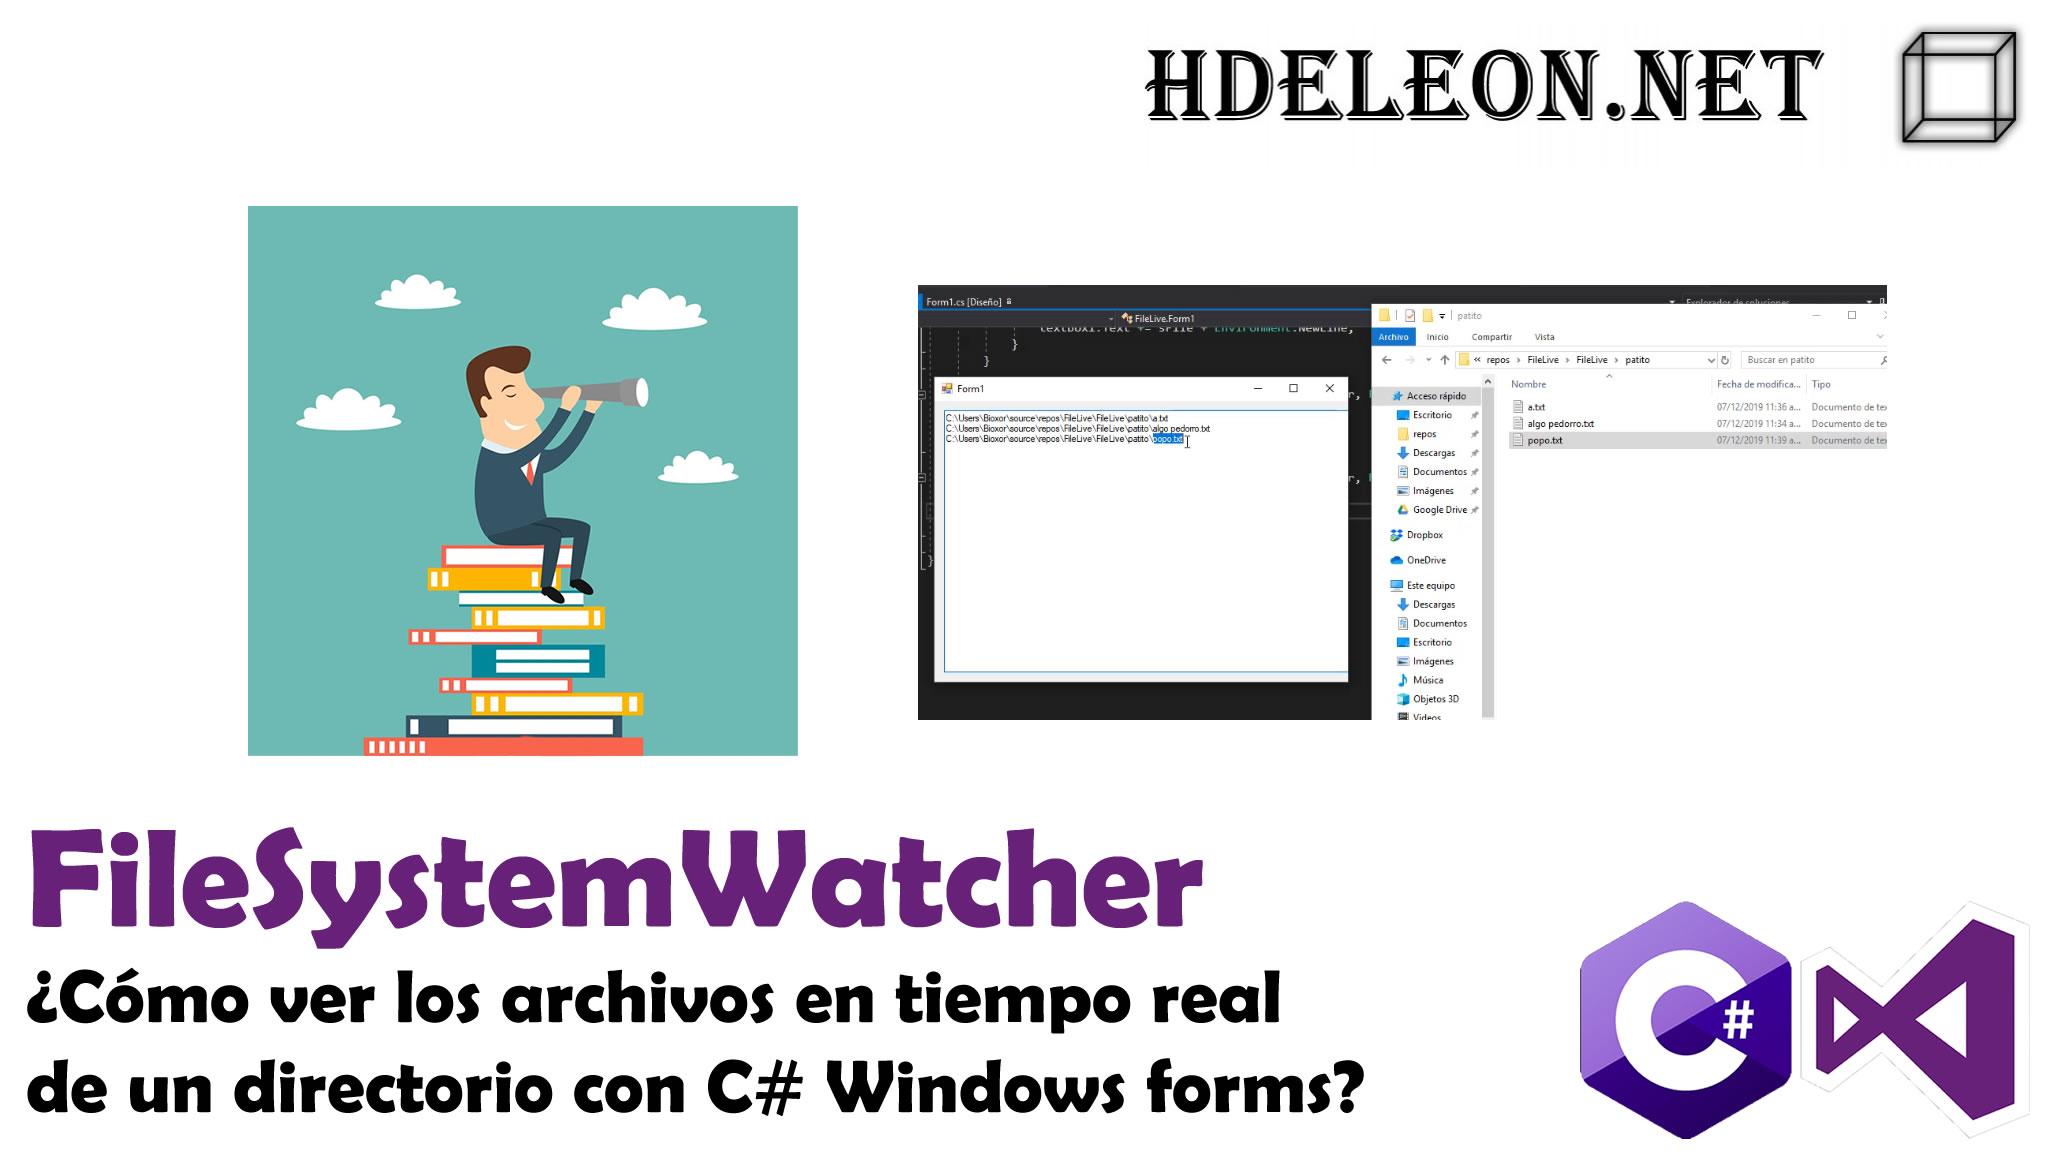 ¿Cómo ver los archivos en tiempo real de un directorio con C# Windows forms? FileSystemWatcher